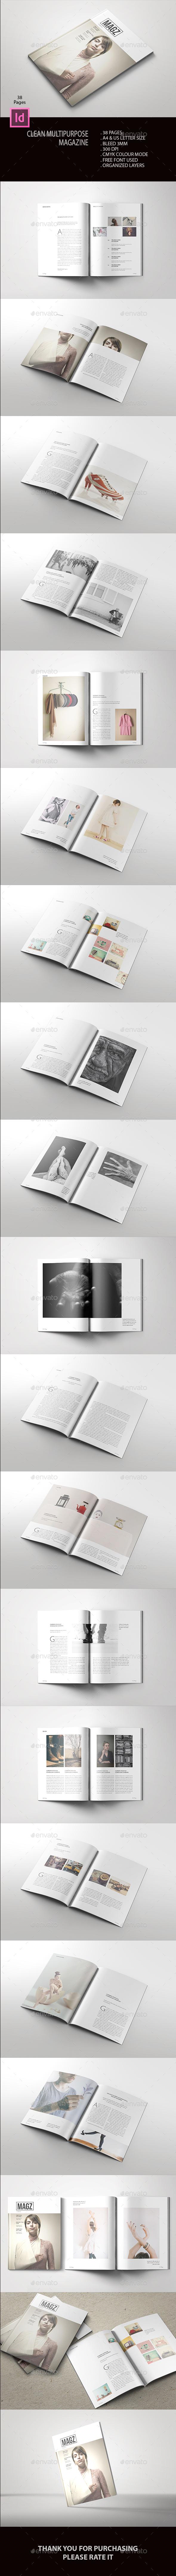 Clean Multipurpose Magazine - Magazines Print Templates